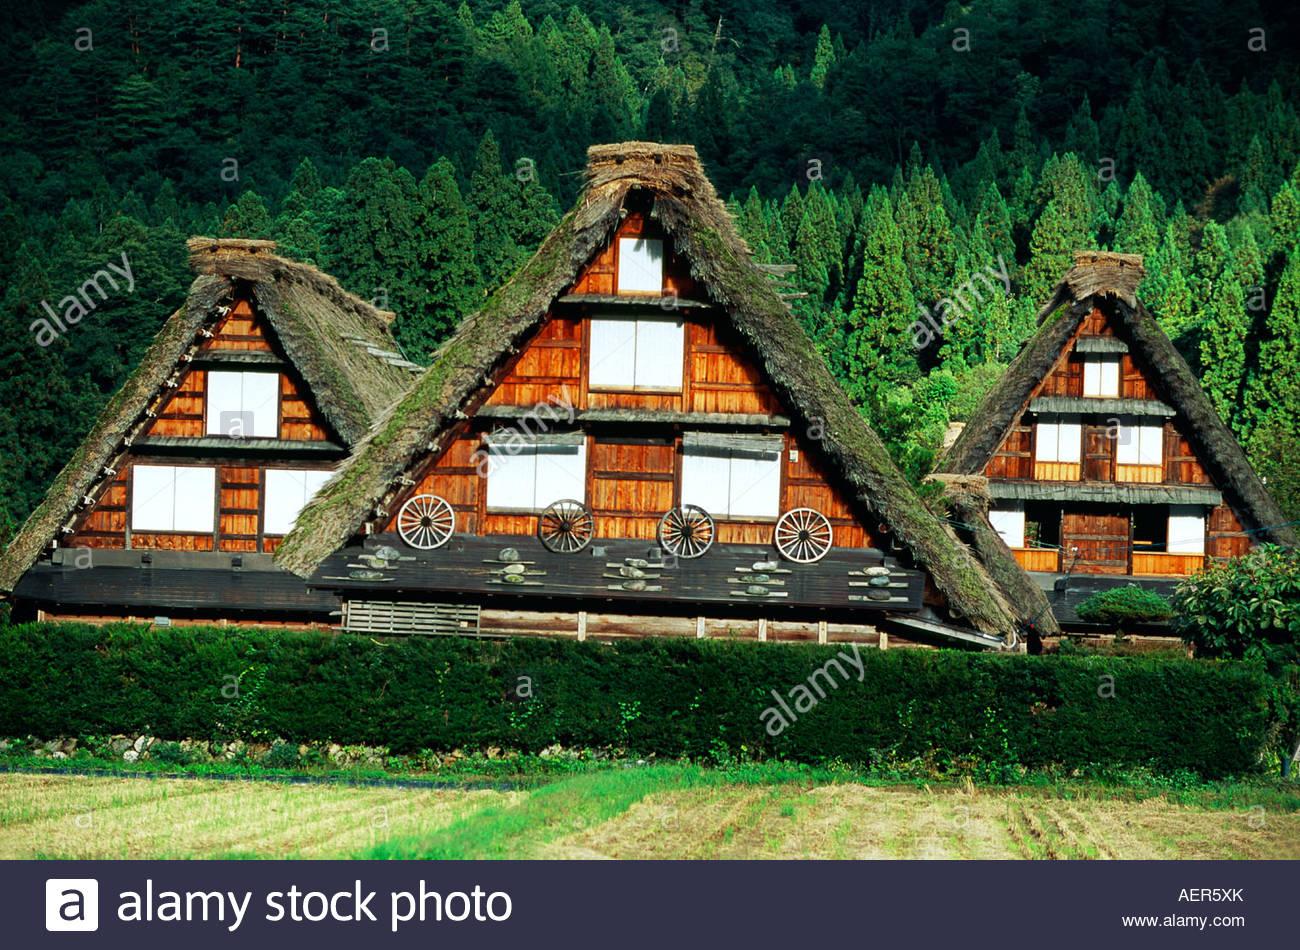 Shirakawa go UNESCO World Heritage site Gifu Prefecture Japan - Stock Image